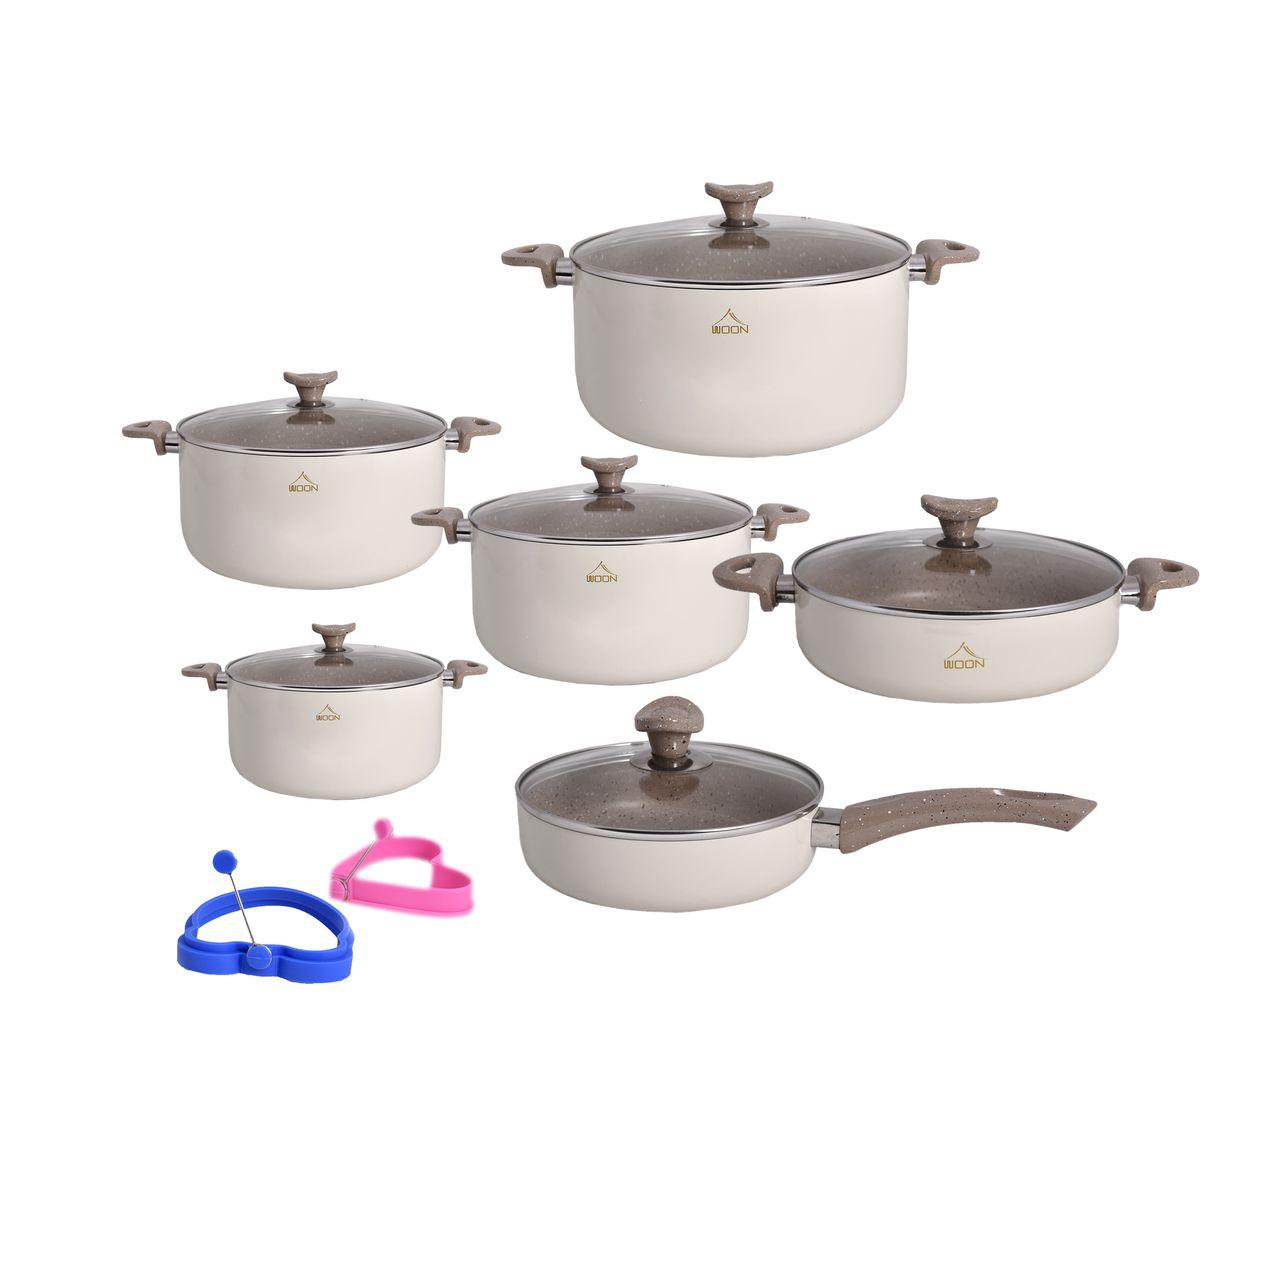 سرویس پخت و پز 14 پارچه وون مدل bismark